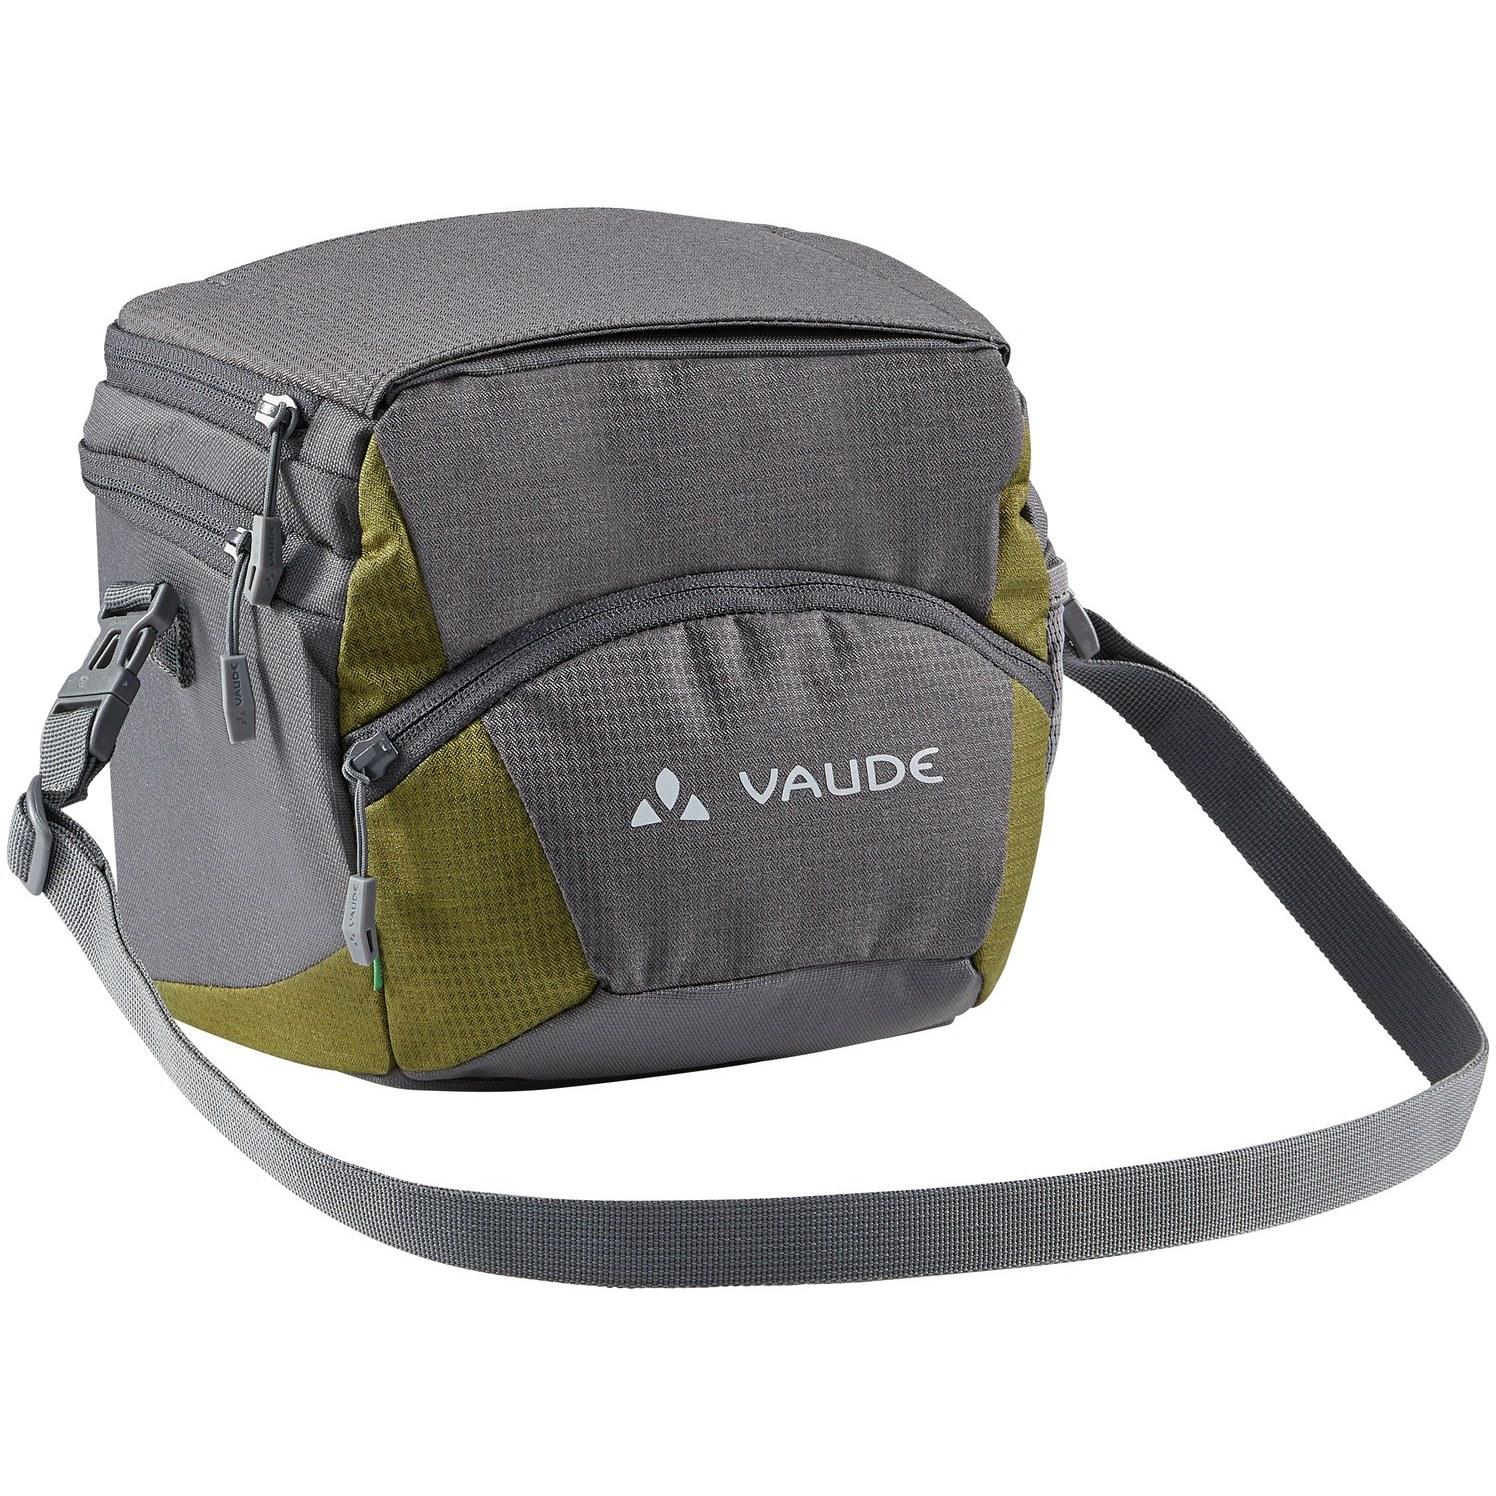 Vaude OnTour Box M (KLICKfix ready) Lenkertasche - iron/bamboo